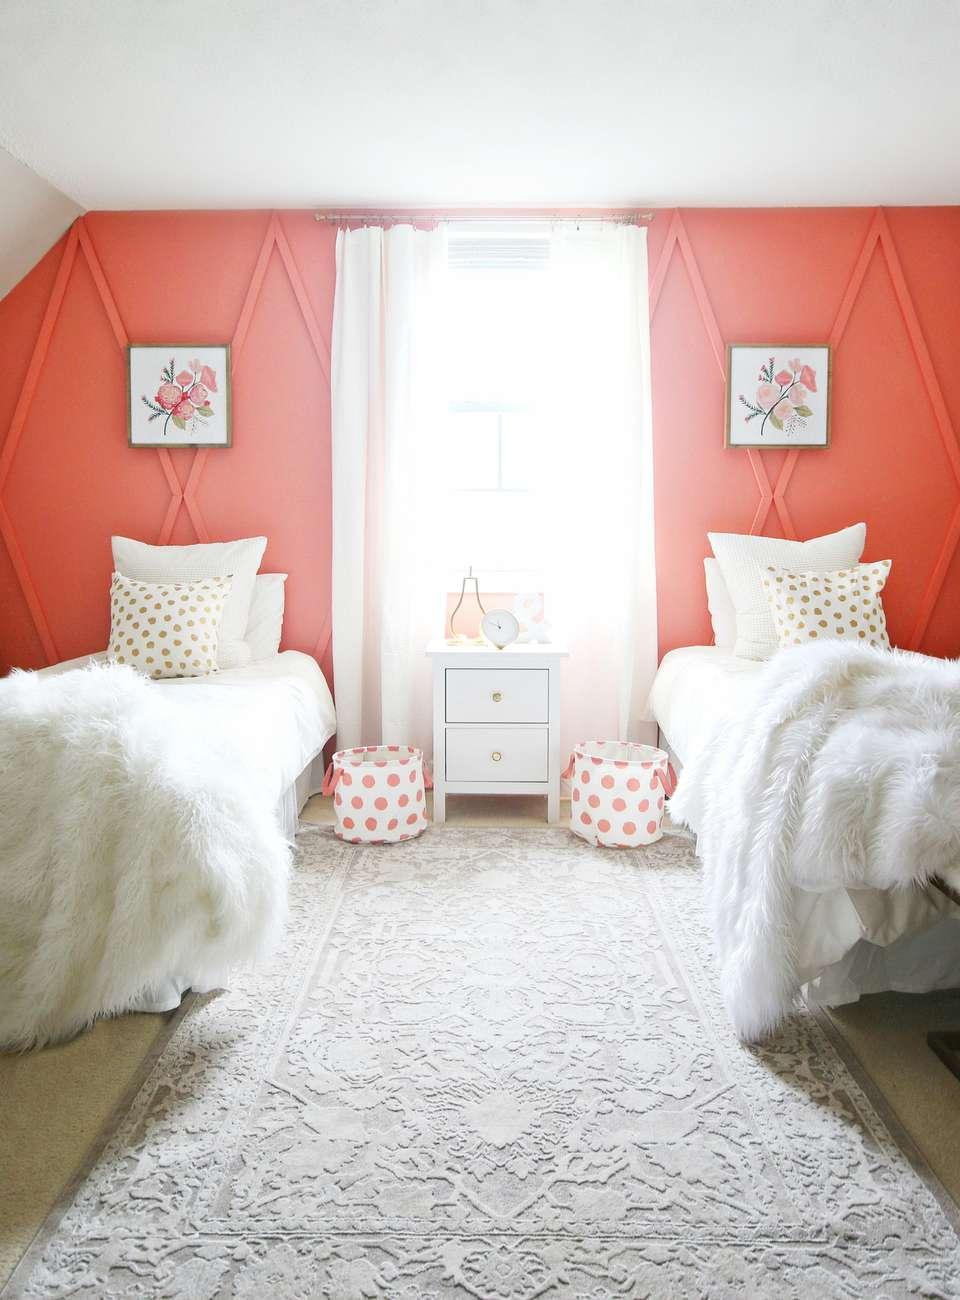 Feng shui colori ideali per la camera da letto: armonia e benessere